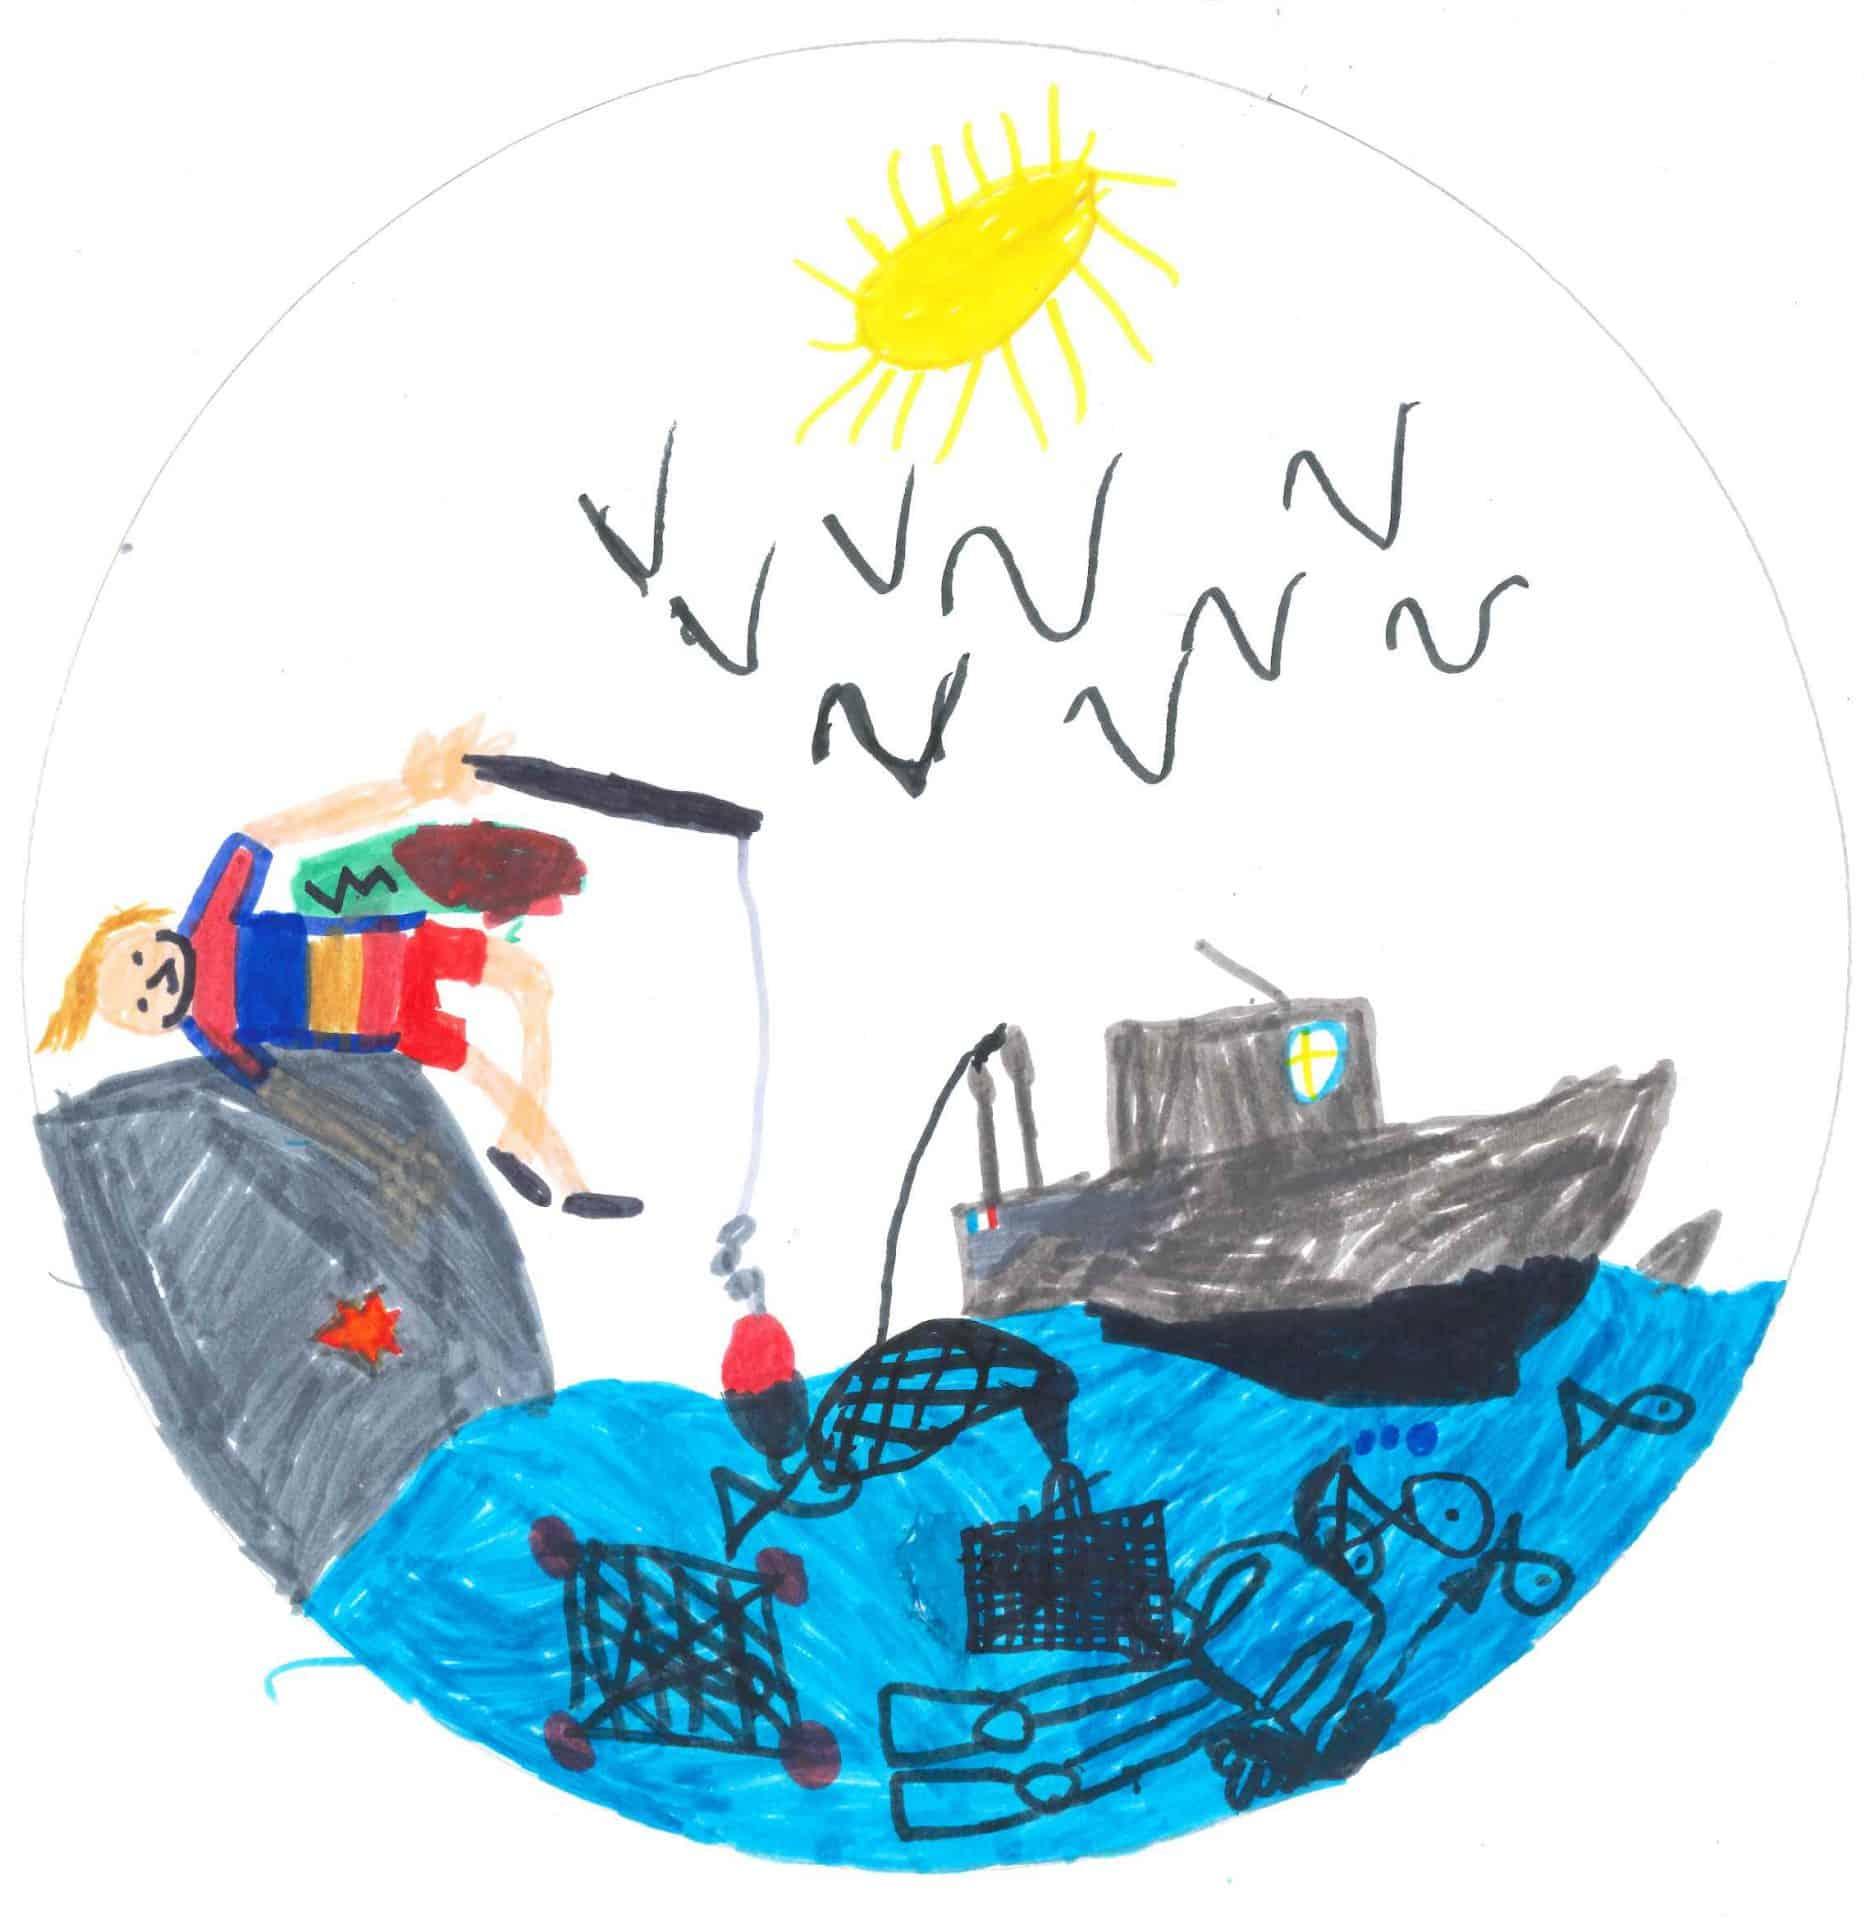 Illustration Mercredi - Dessin d'enfant : un bateau et un pêcheur